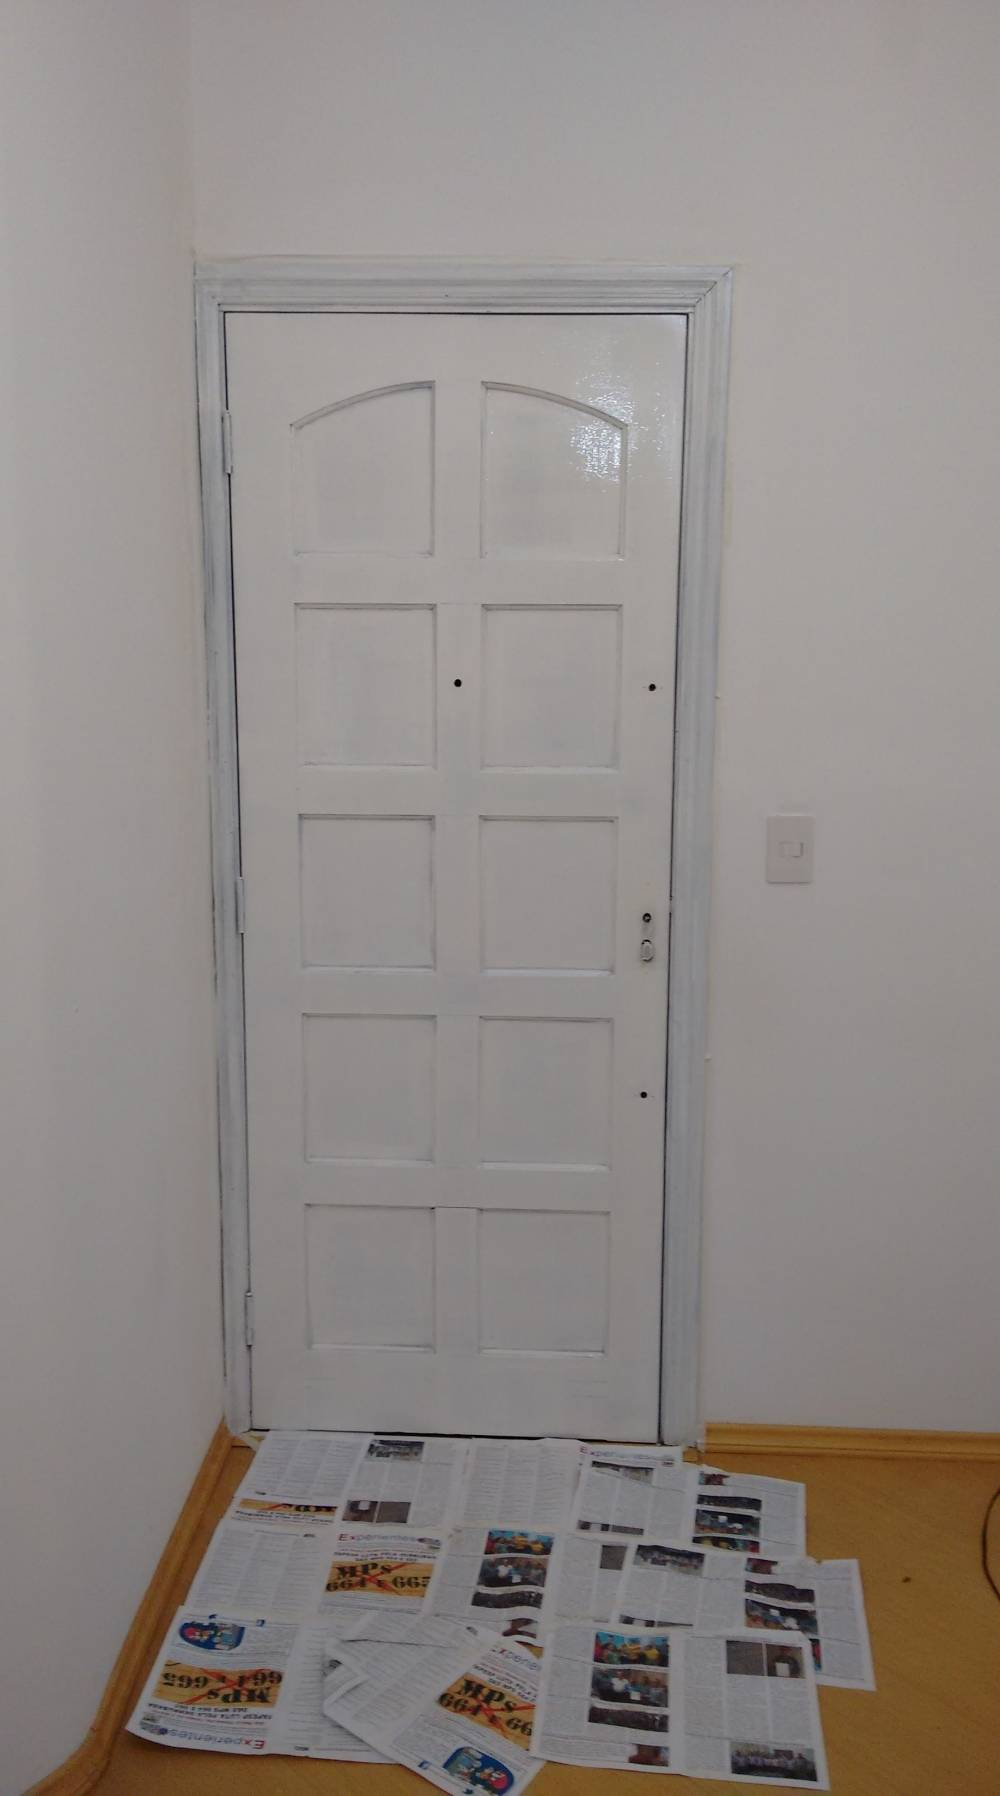 Contratar Empresa para Pequenos Reparos Residenciais no Parque Capuava - Reparos Residenciais em Santo André